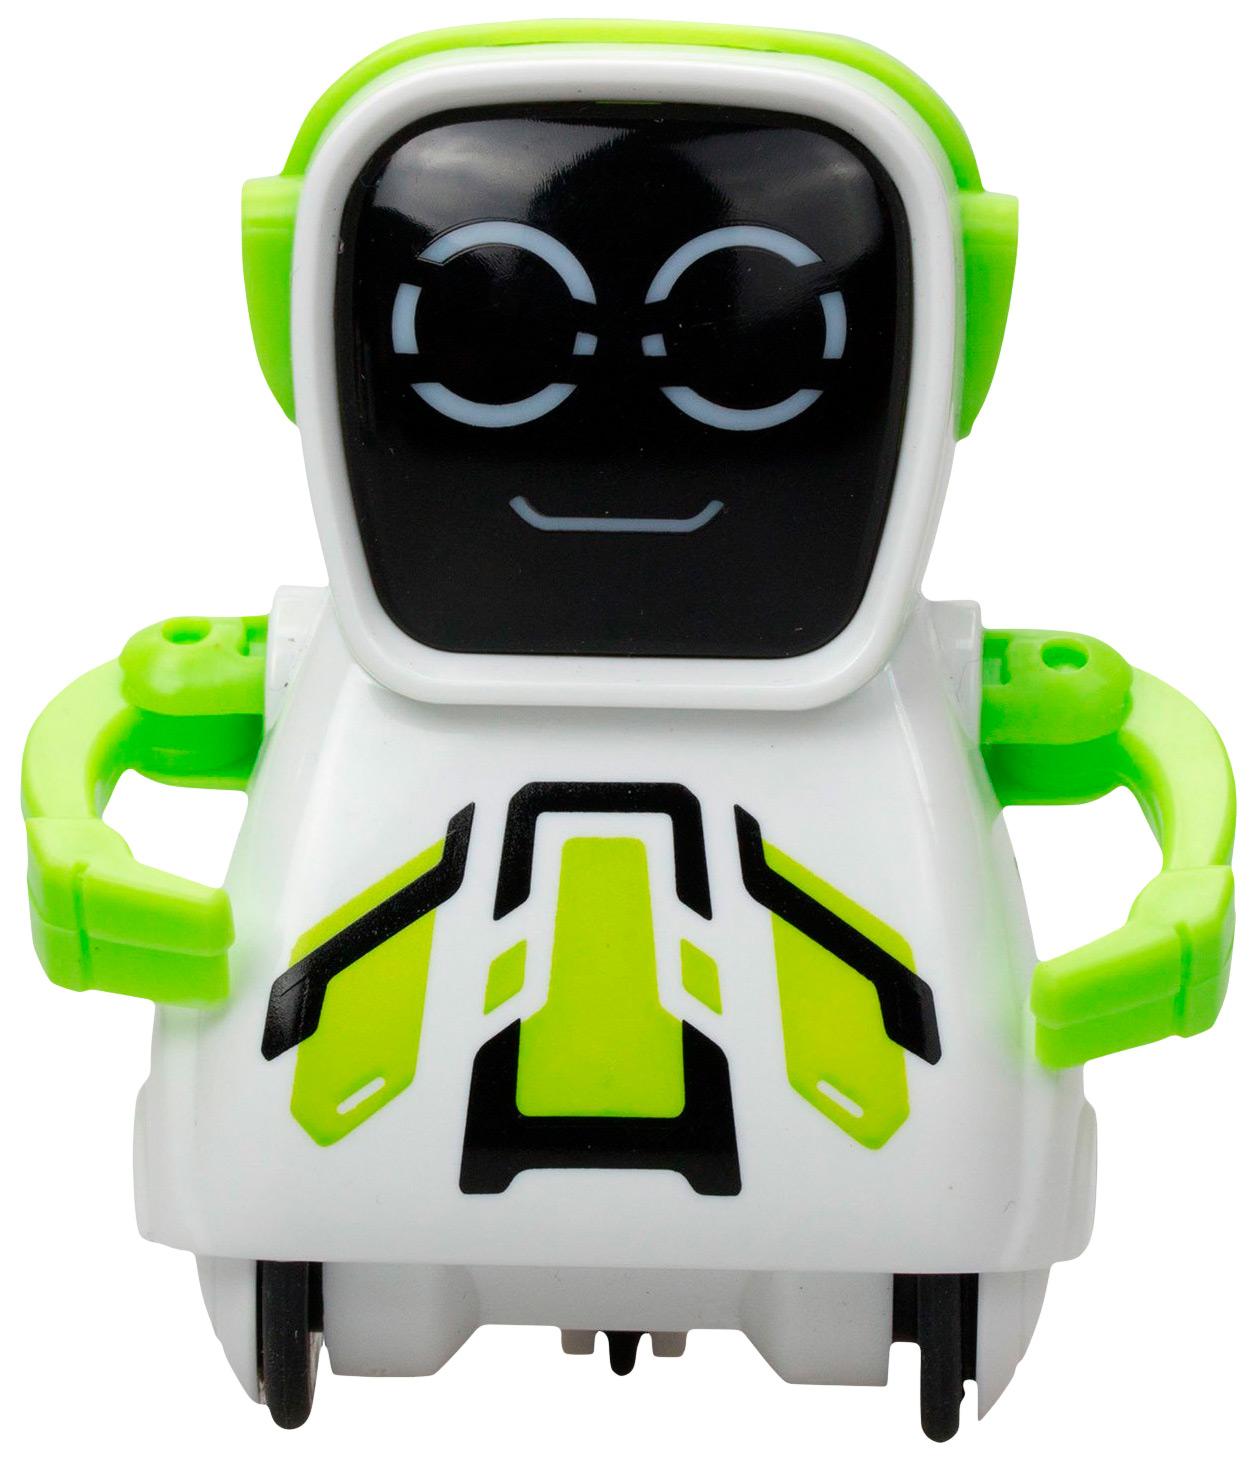 Купить Интерактивный робот Silverlit YCOO Покибот 88529S-5, Интерактивные роботы